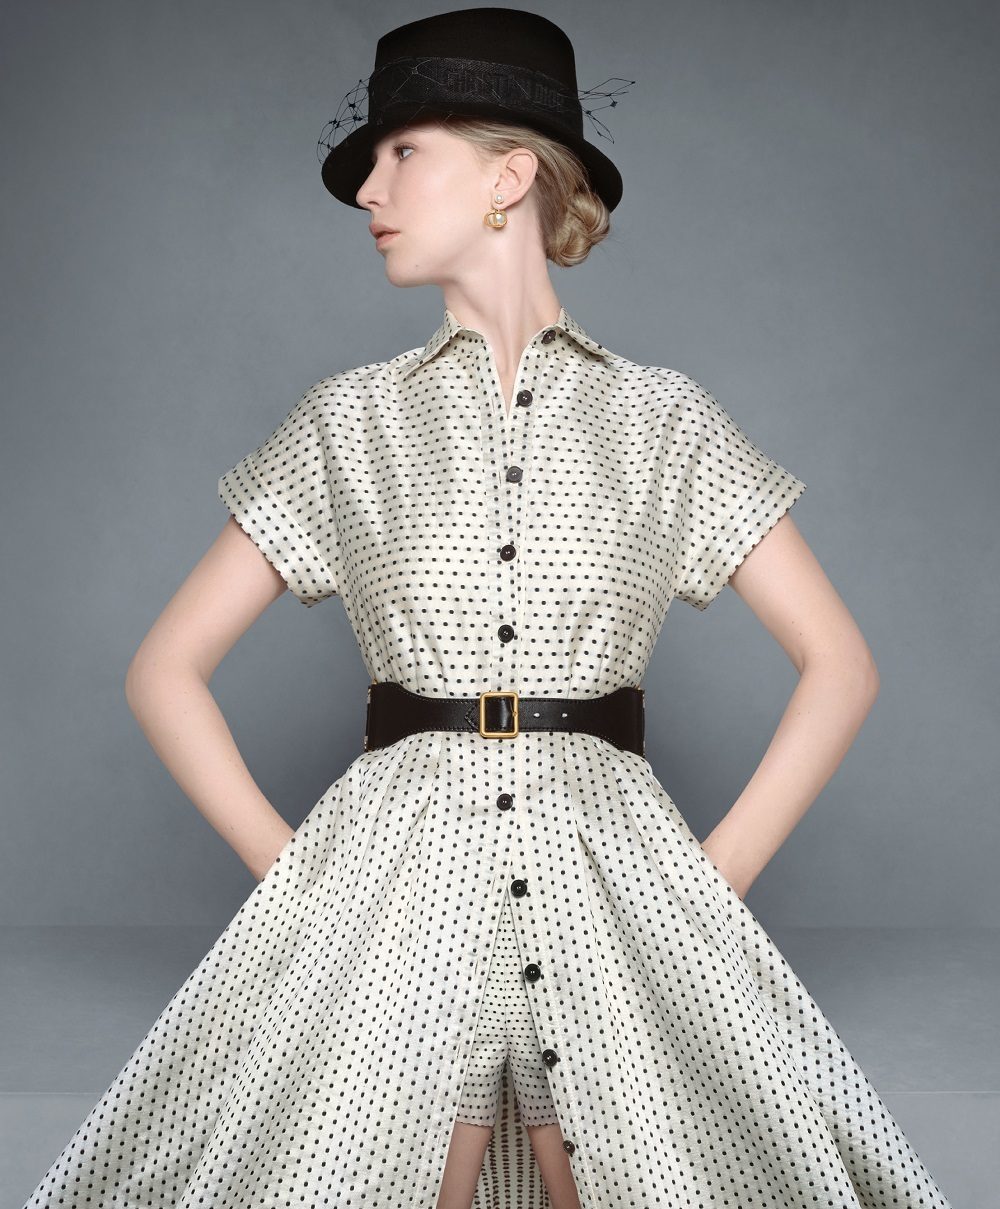 La actriz Jennifer Lawrence con un look de lunares en una de las fotos de la campaña otoño-invierno 2020/21 de Dior.